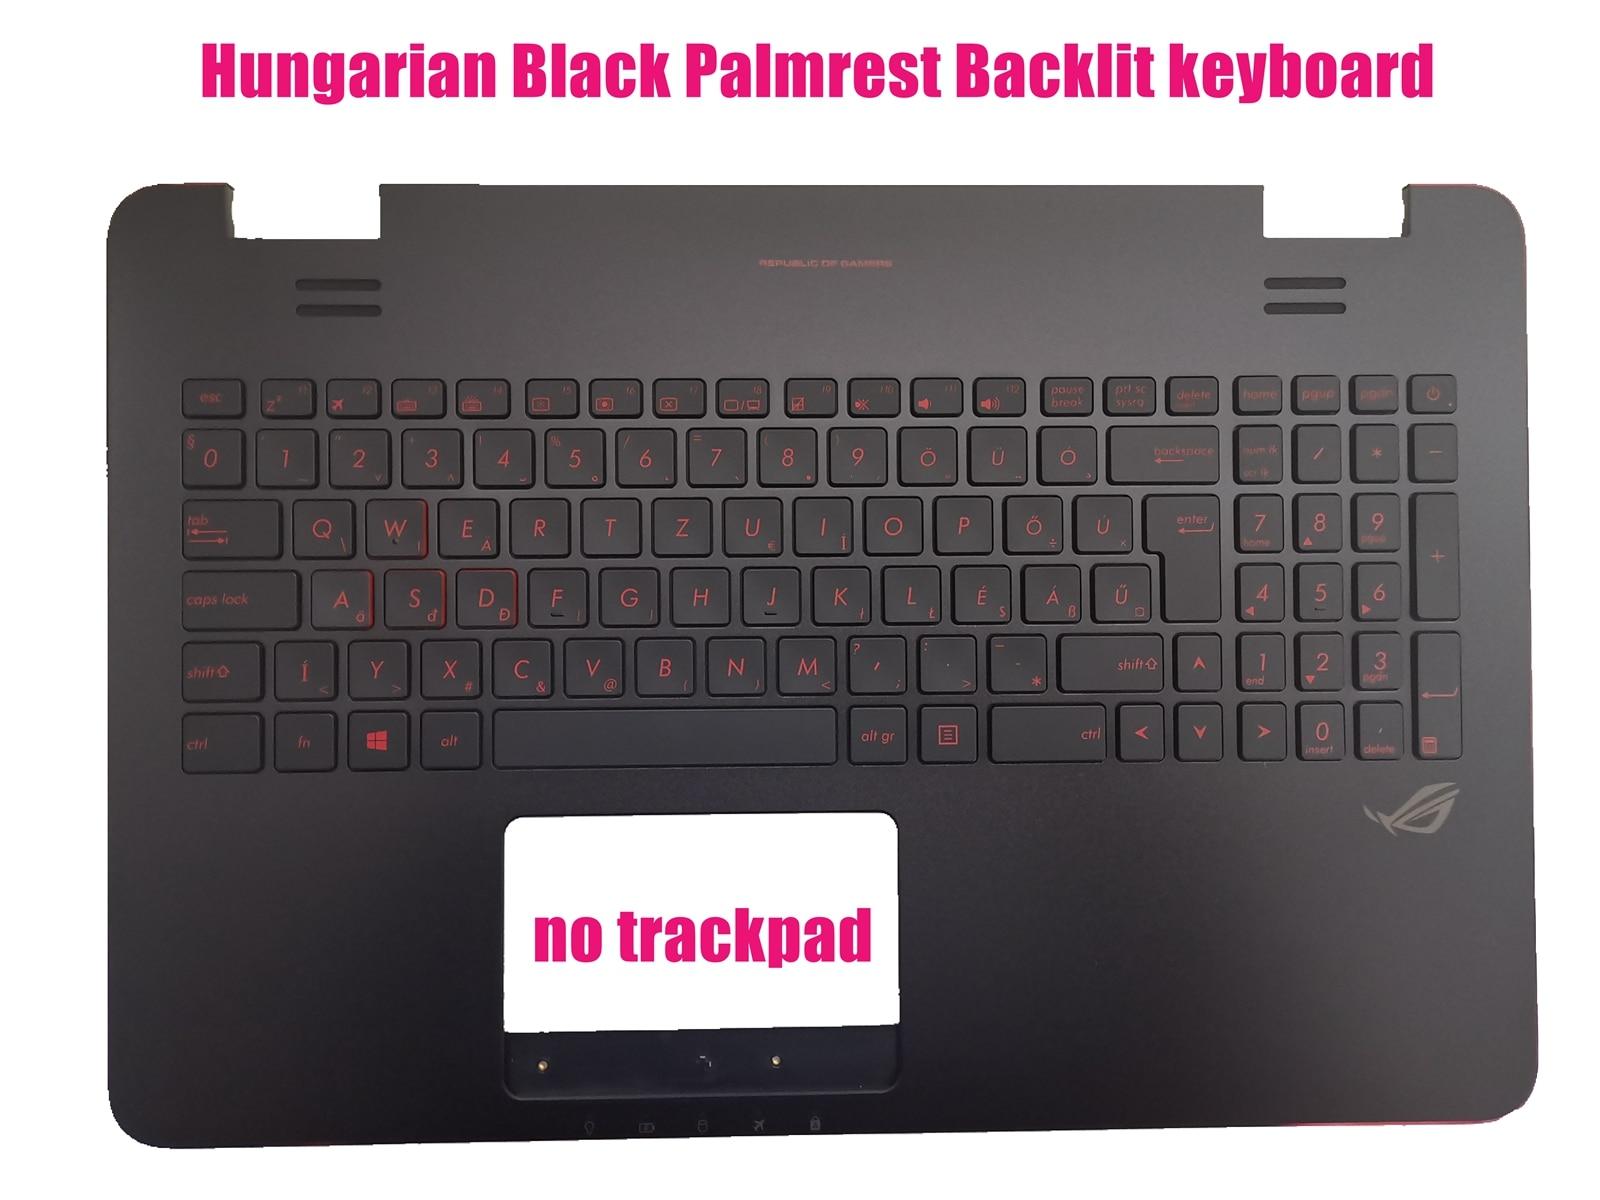 Hungarian Black Palmrest Backlit keyboard for Asus N551J/N551JB/N551JK/N551JM/N551JW/N551JX